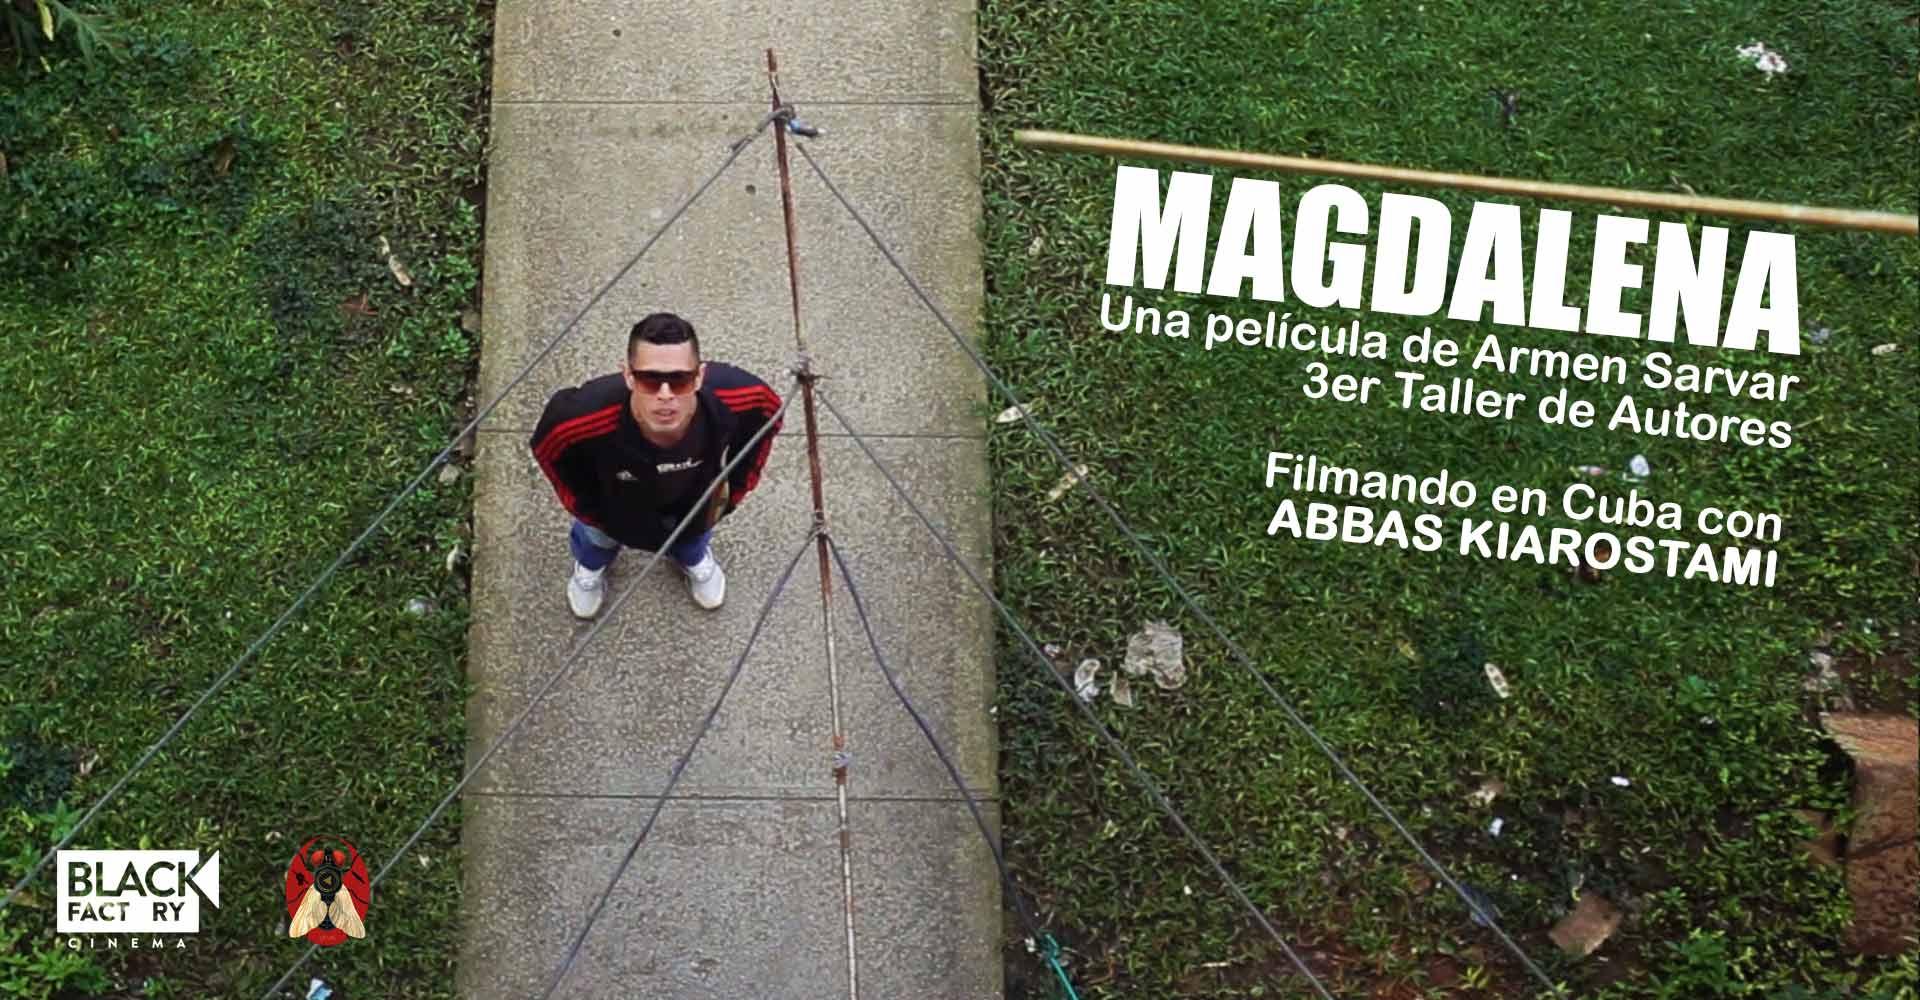 Magdalena_creative2_portfoliodetails1